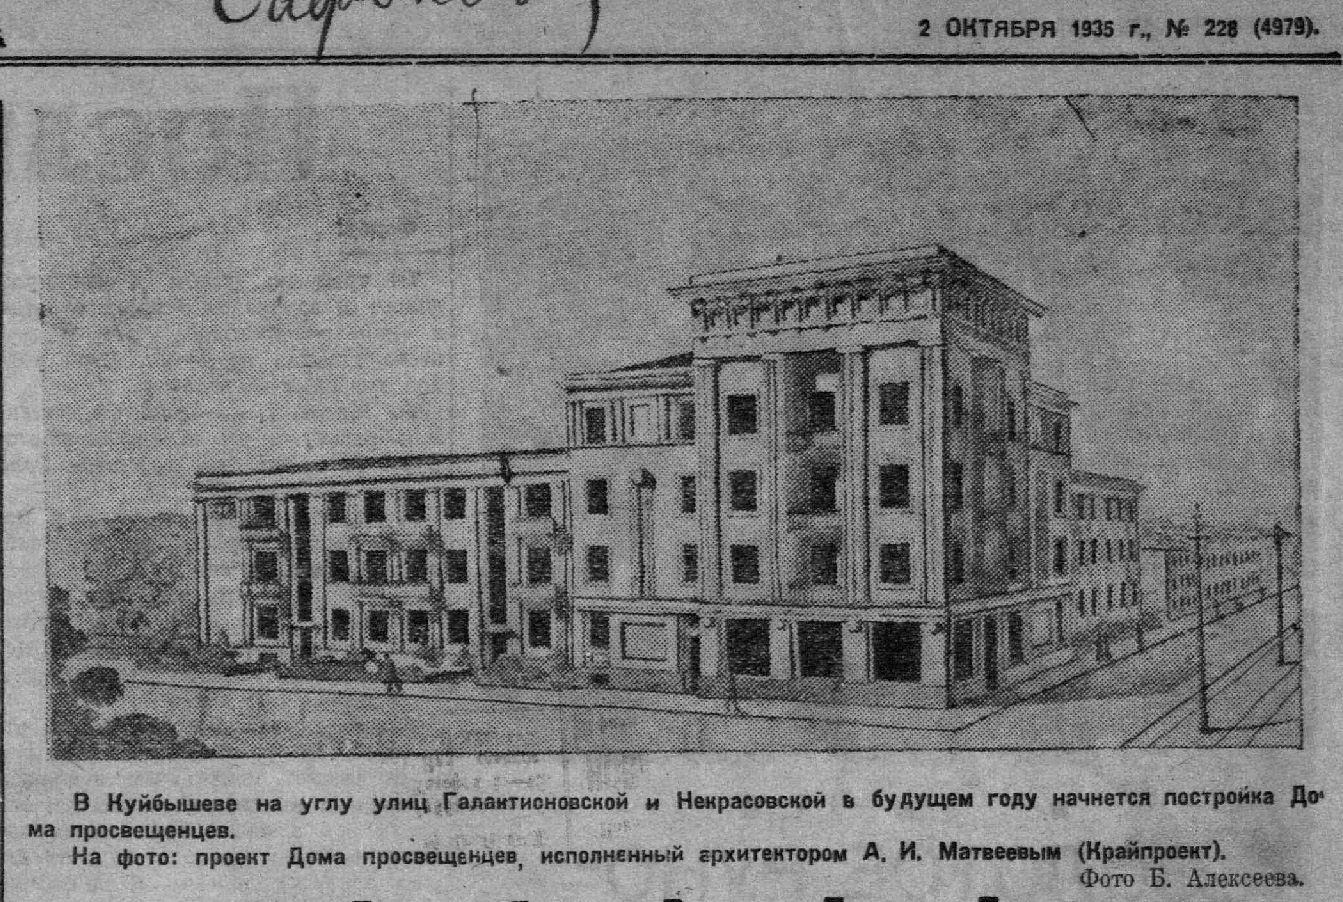 Волжская коммуна, 1935, 2 октября